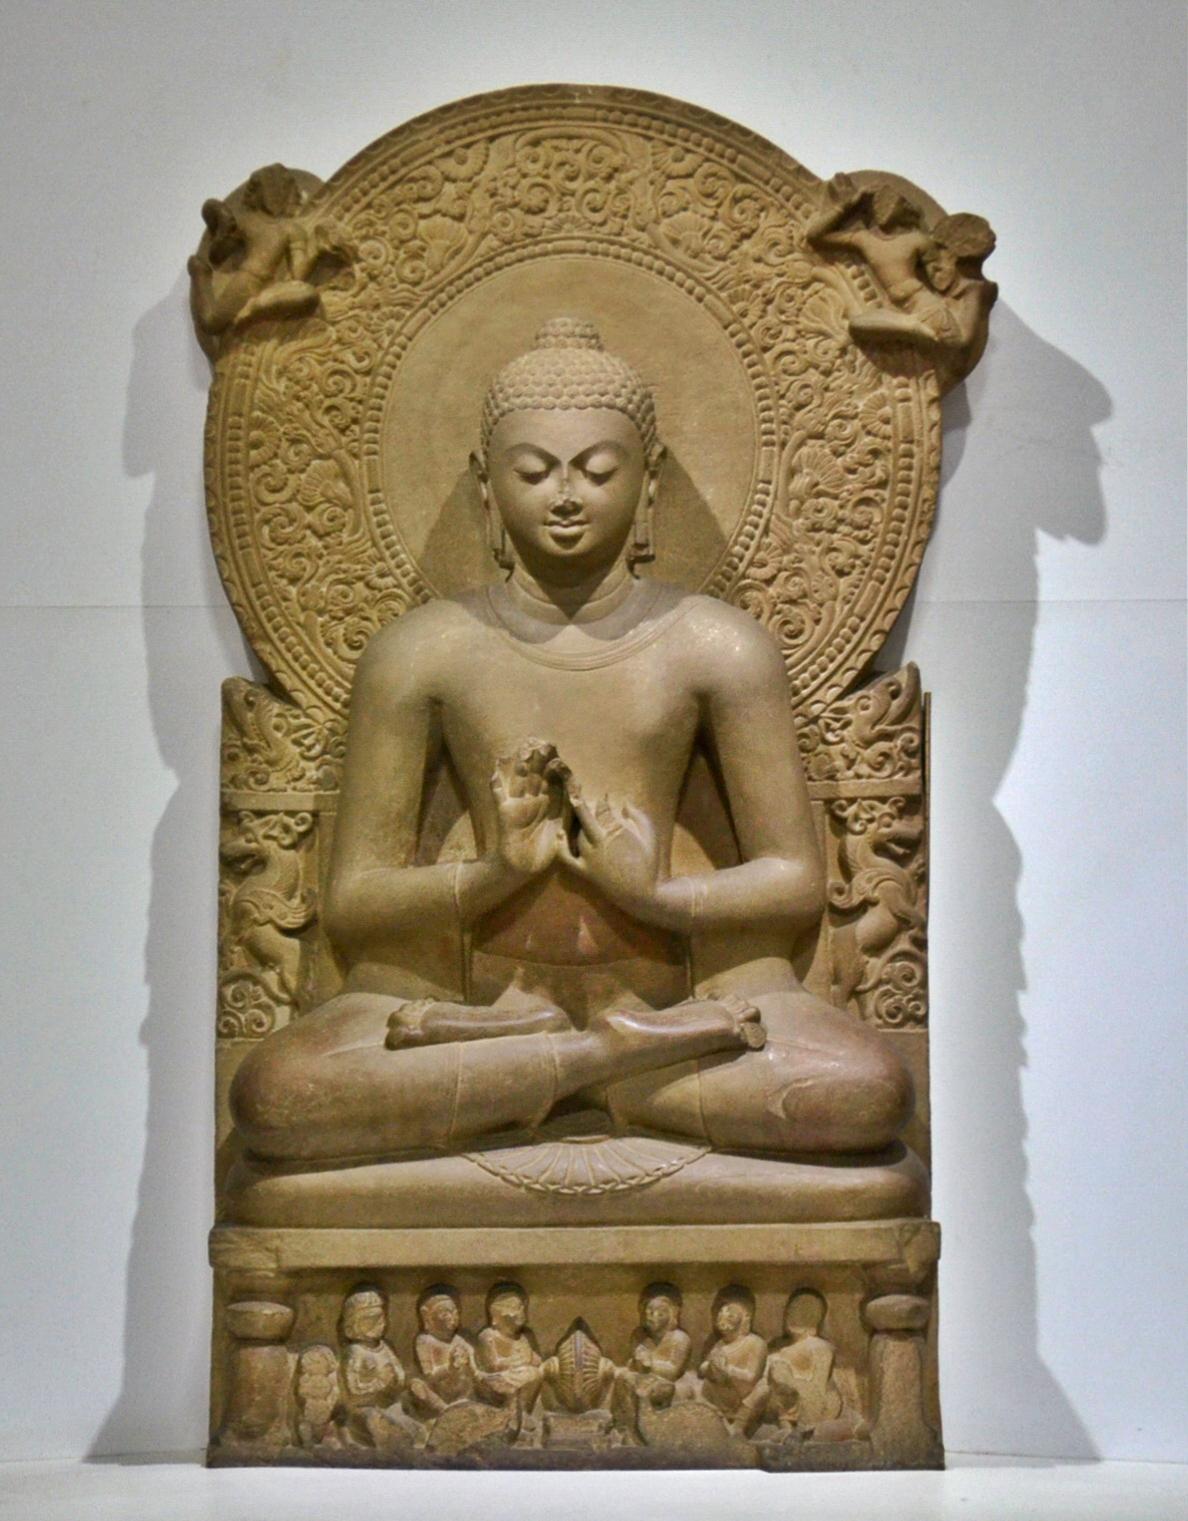 tatueoftheuddhawithharmacakraudra,symbolizinghisteachingoftheharma.arnath,rasaranasi.